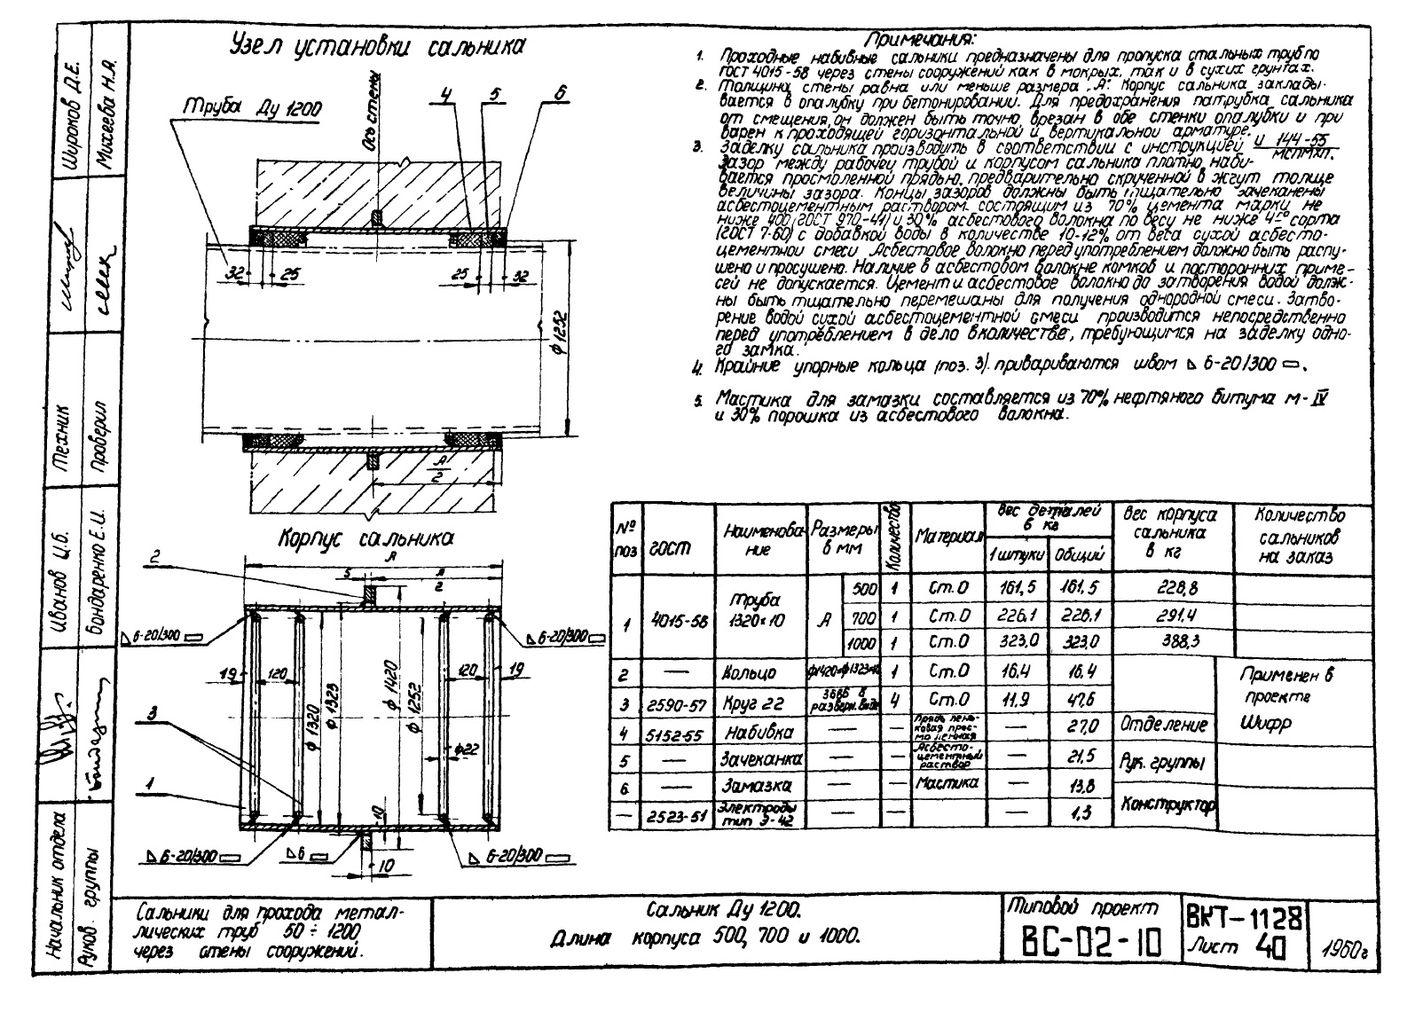 Сальники набивные L = 1000 мм типовой проект ВС-02-10 стр.19